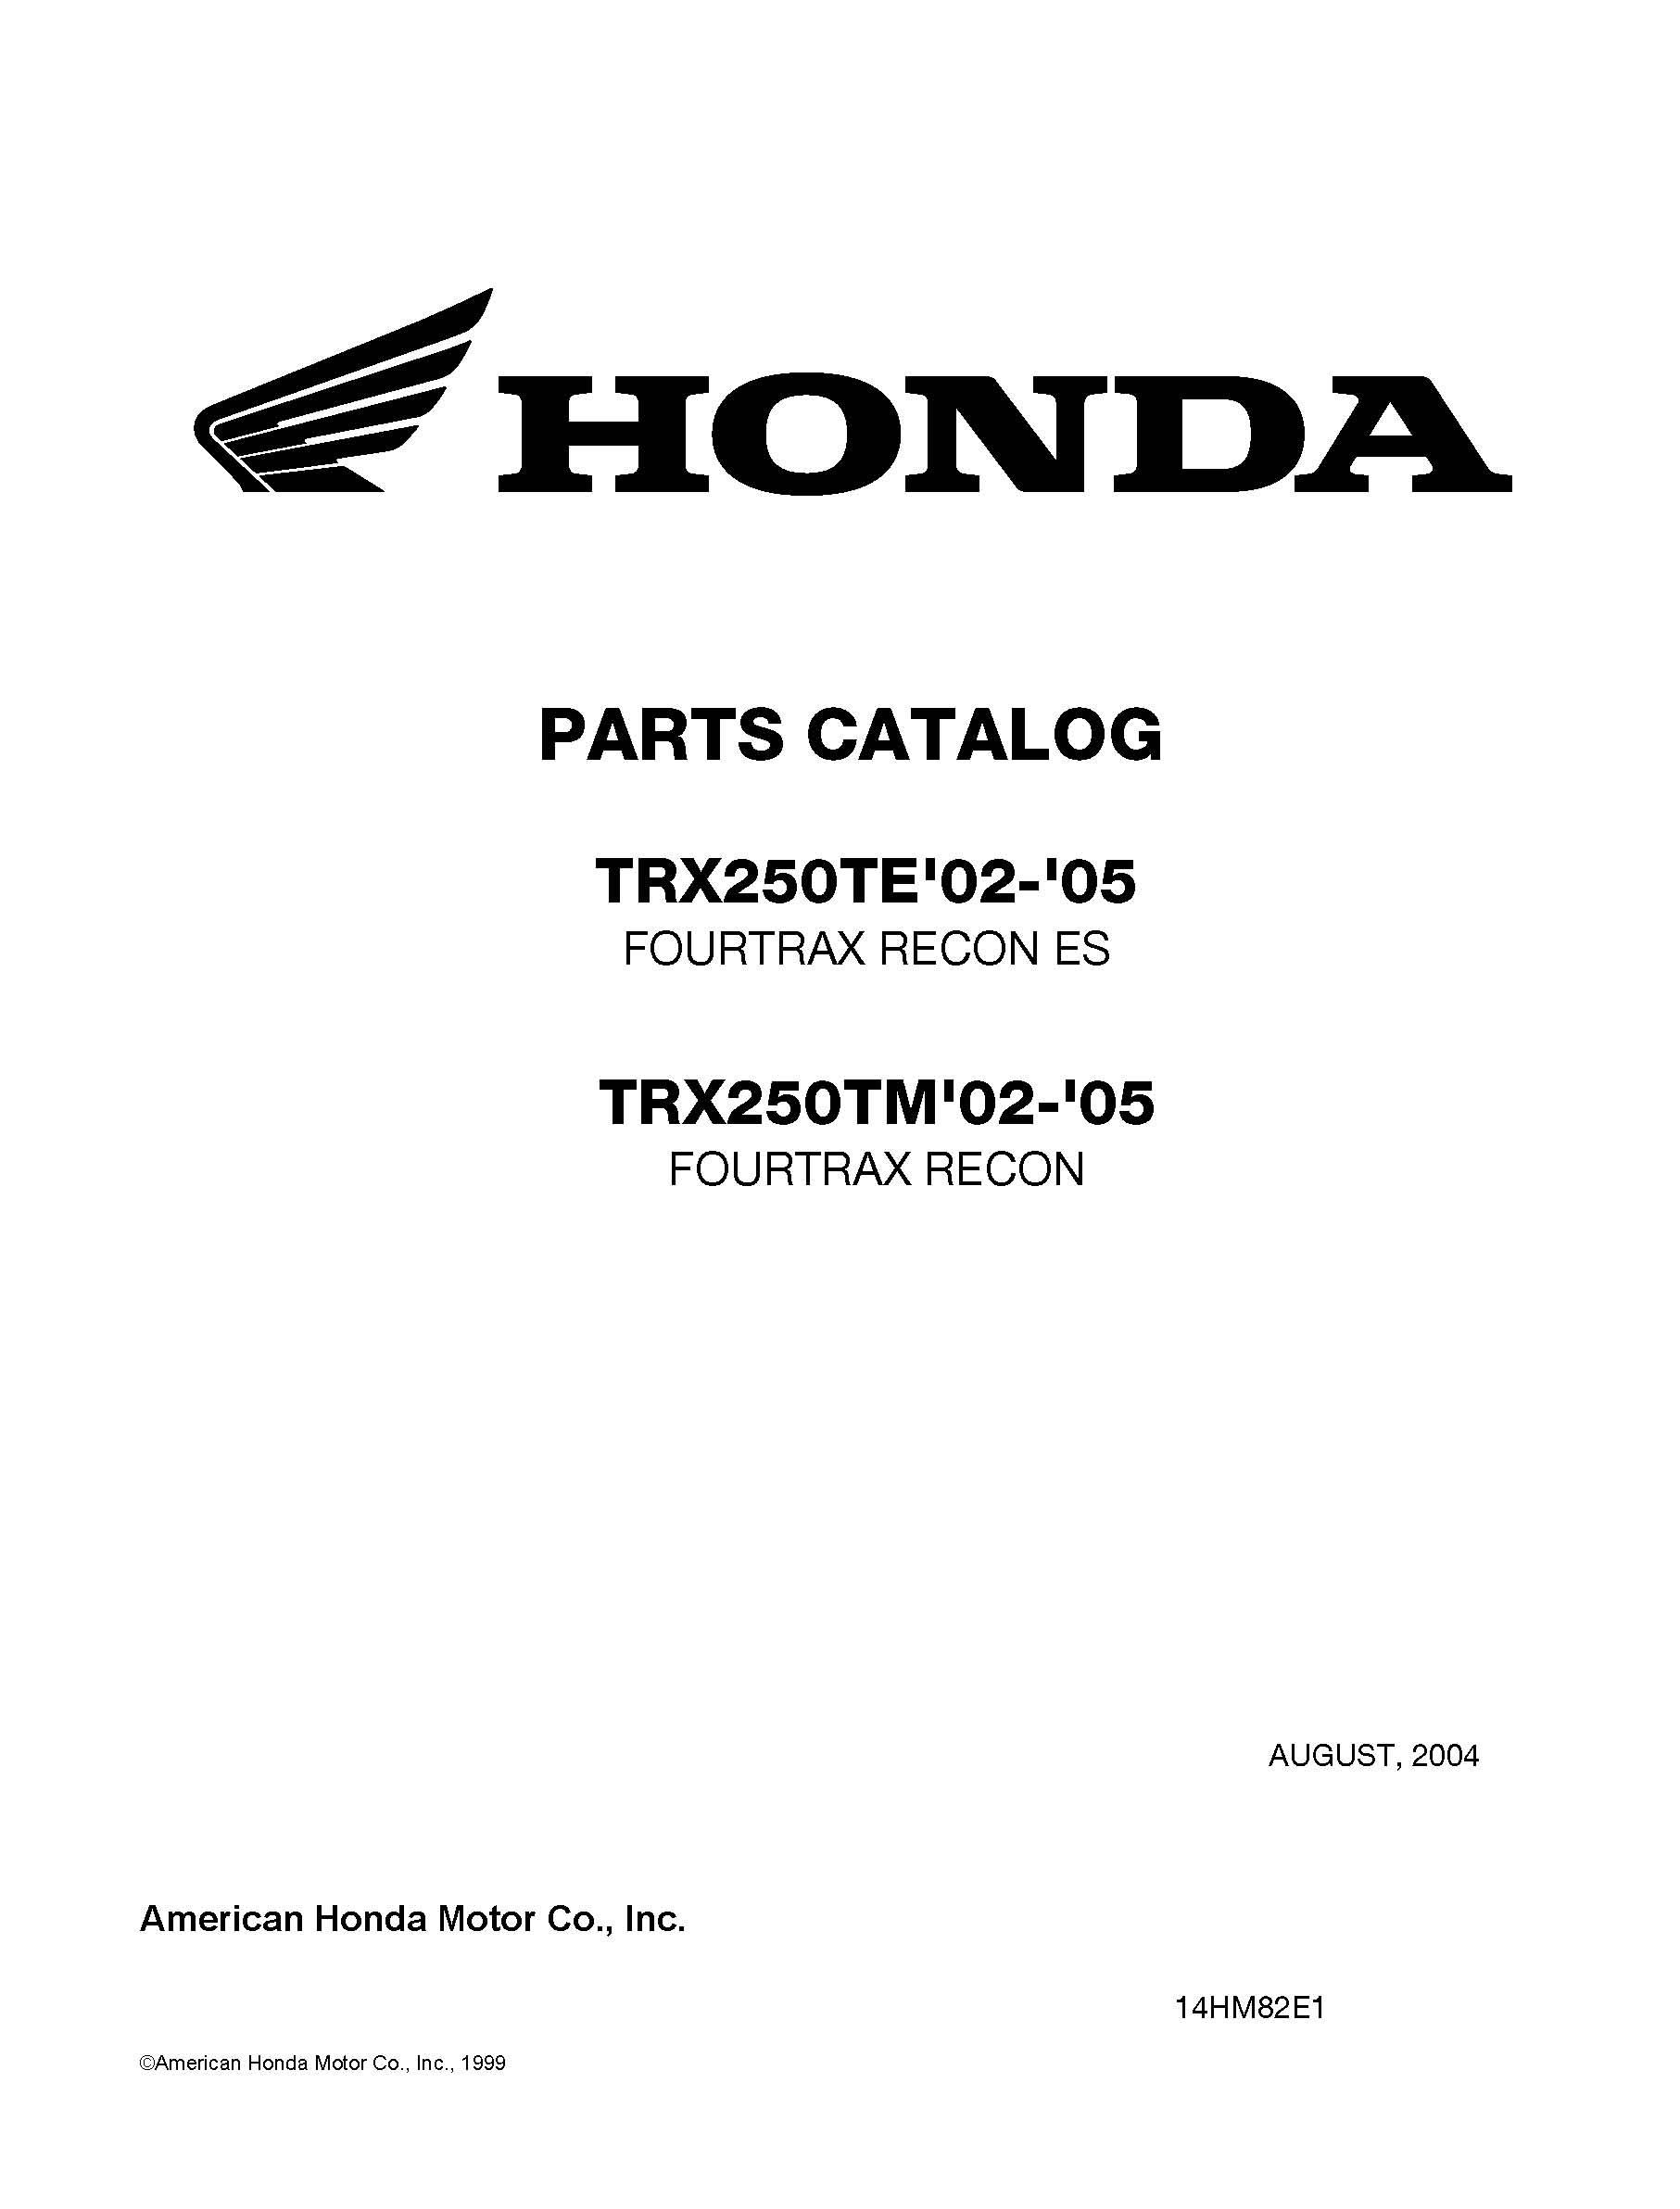 Honda 2002-2005 TRX250TE Fourtrax Recon ES/TRX250TM